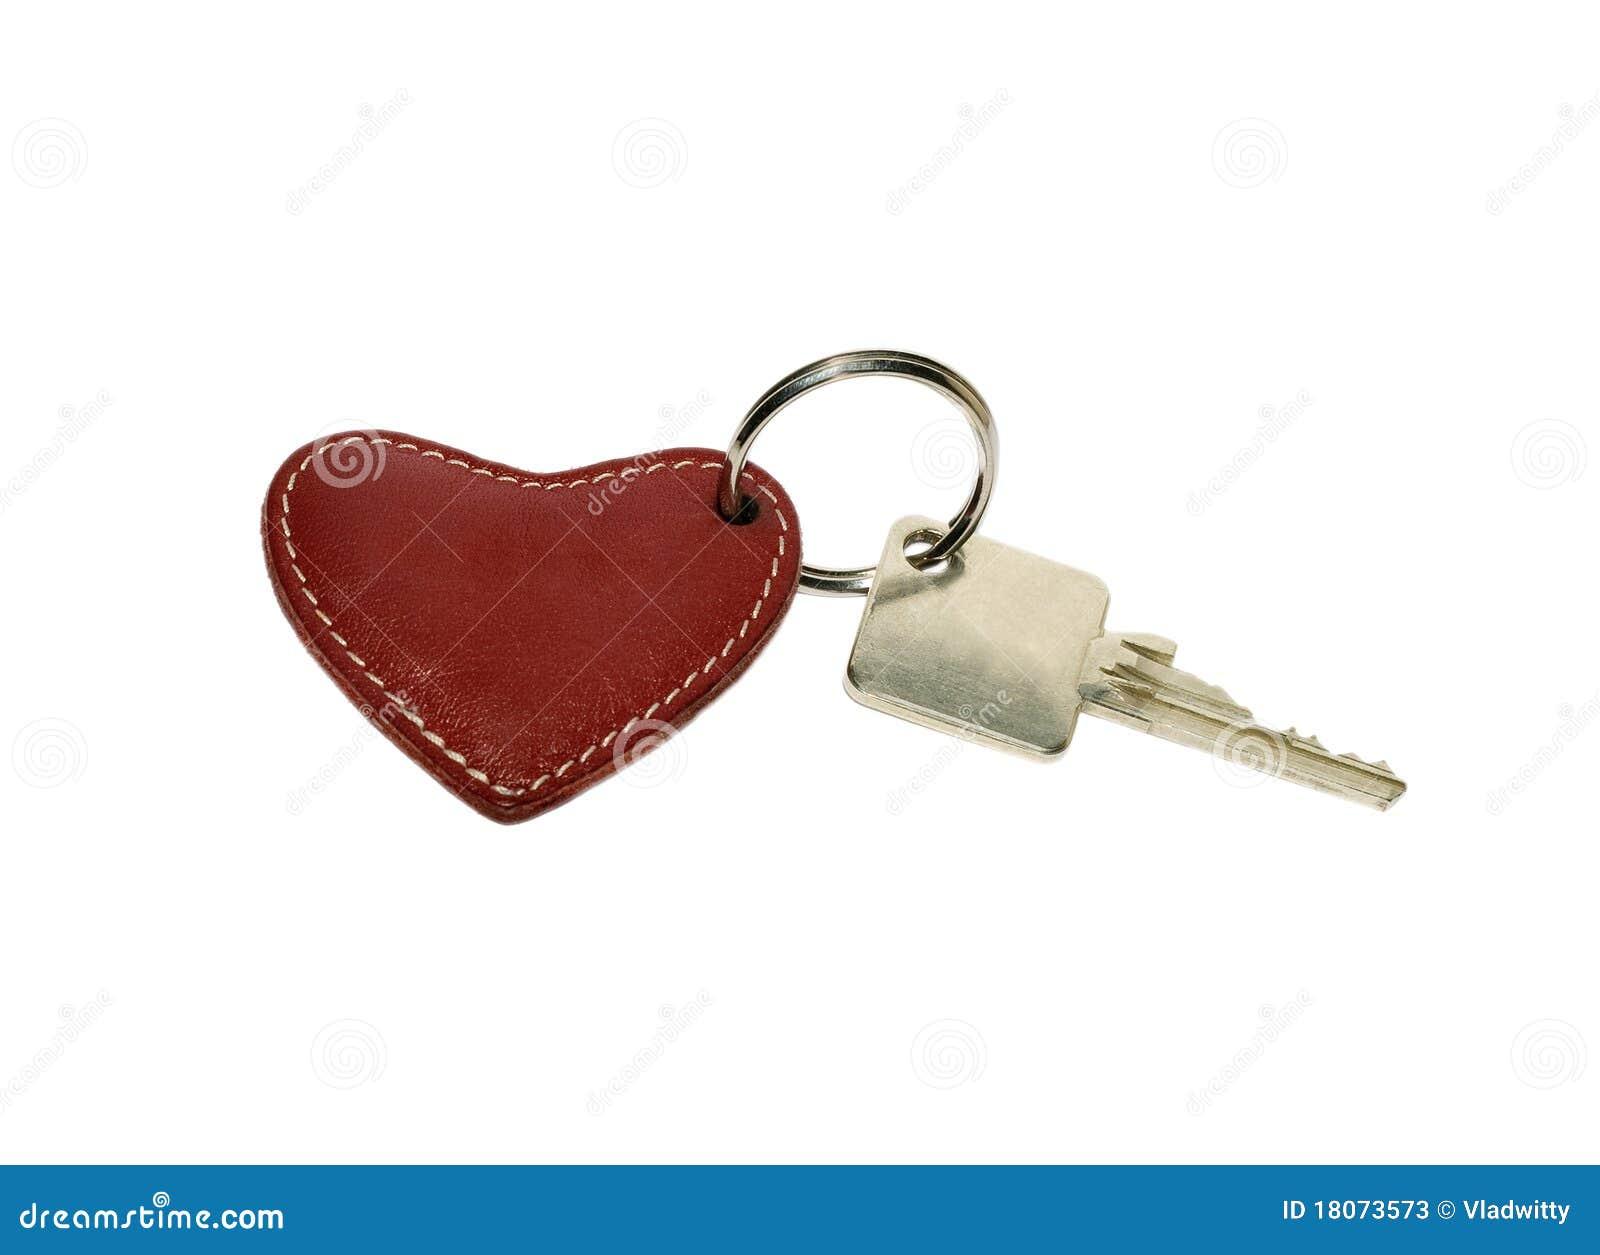 S House And Car Keys